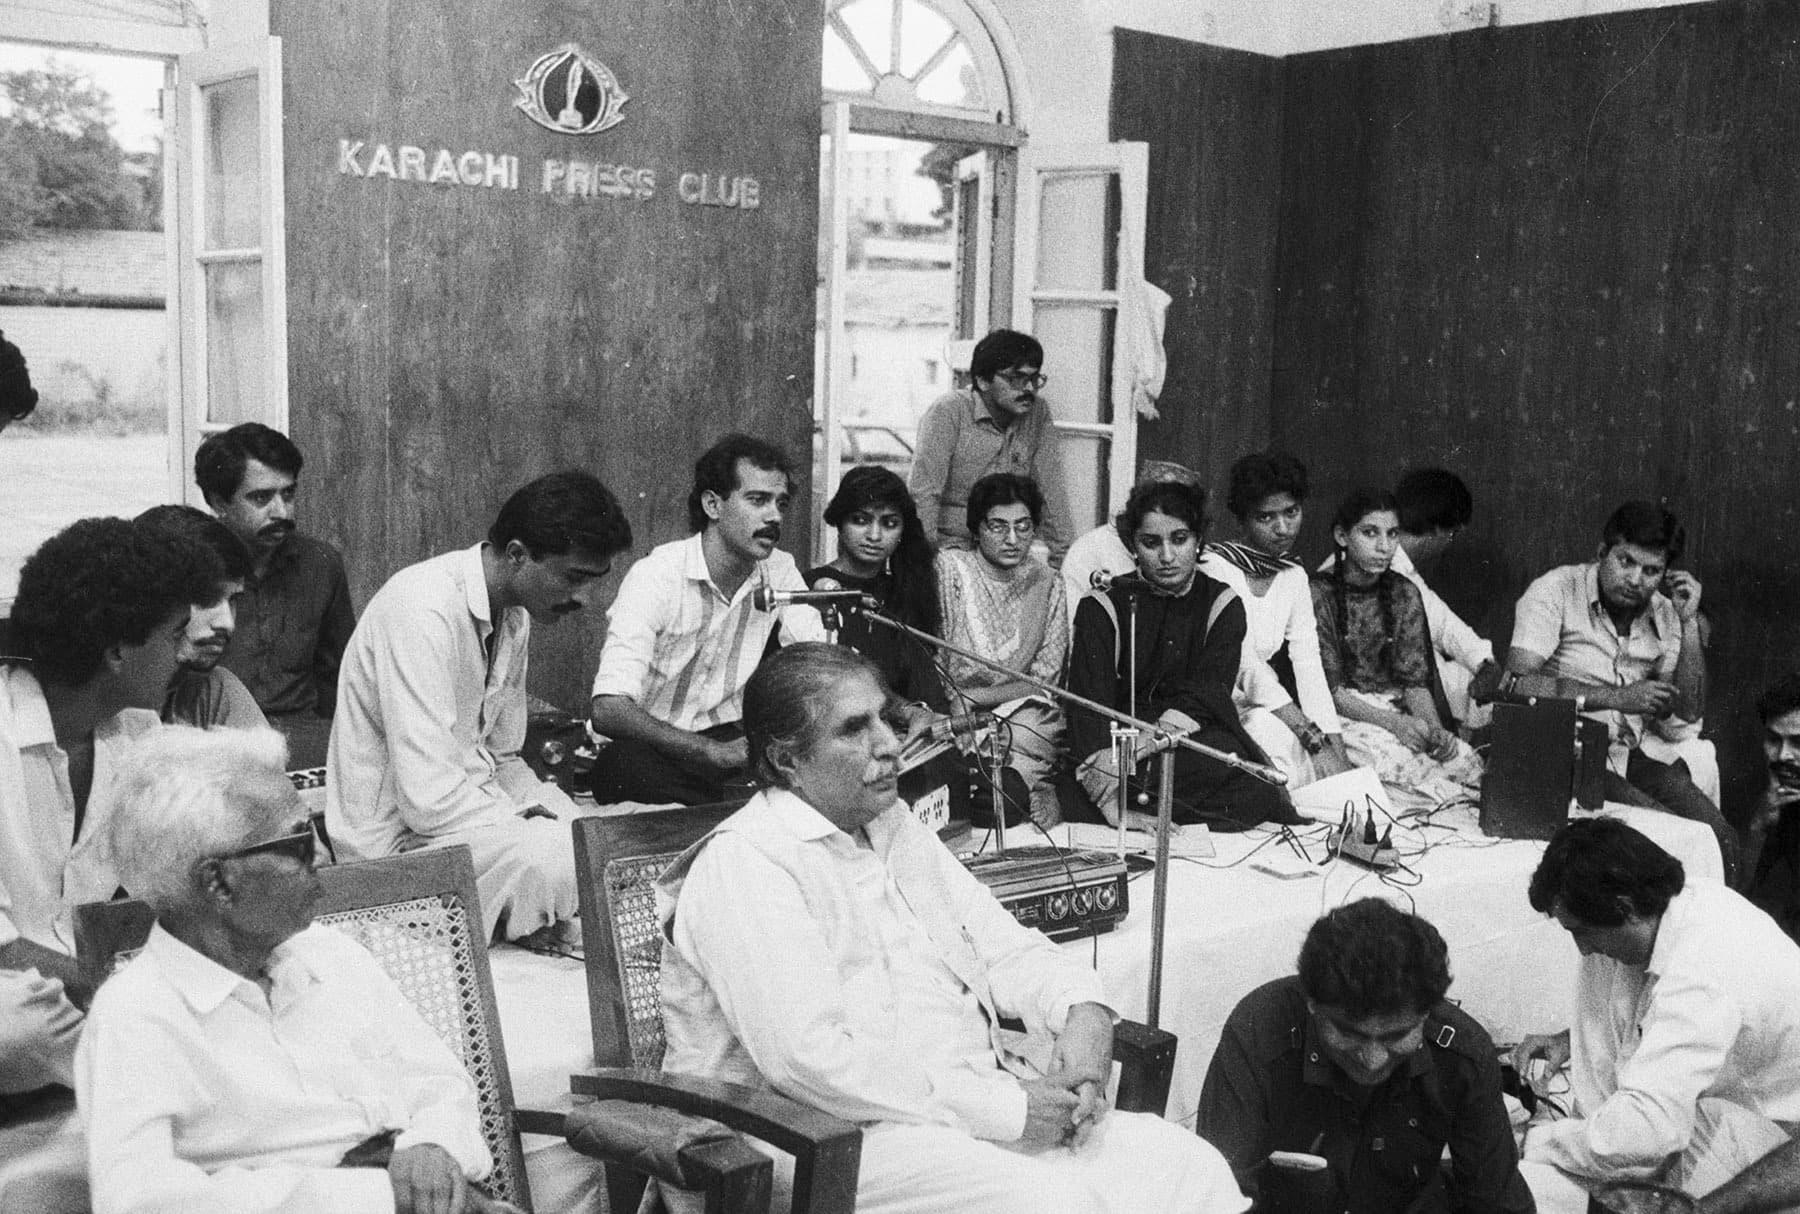 24 جولائی 1986ء کو معروف سندھی شاعر شیخ ایاز پریس کلب میں سندھی ادبی سنگت کے زیراہتمام پروگرام ایک شام وائسز کے سنگ میں شریک ہیں— تصویر بشکریہ زاہد حسین